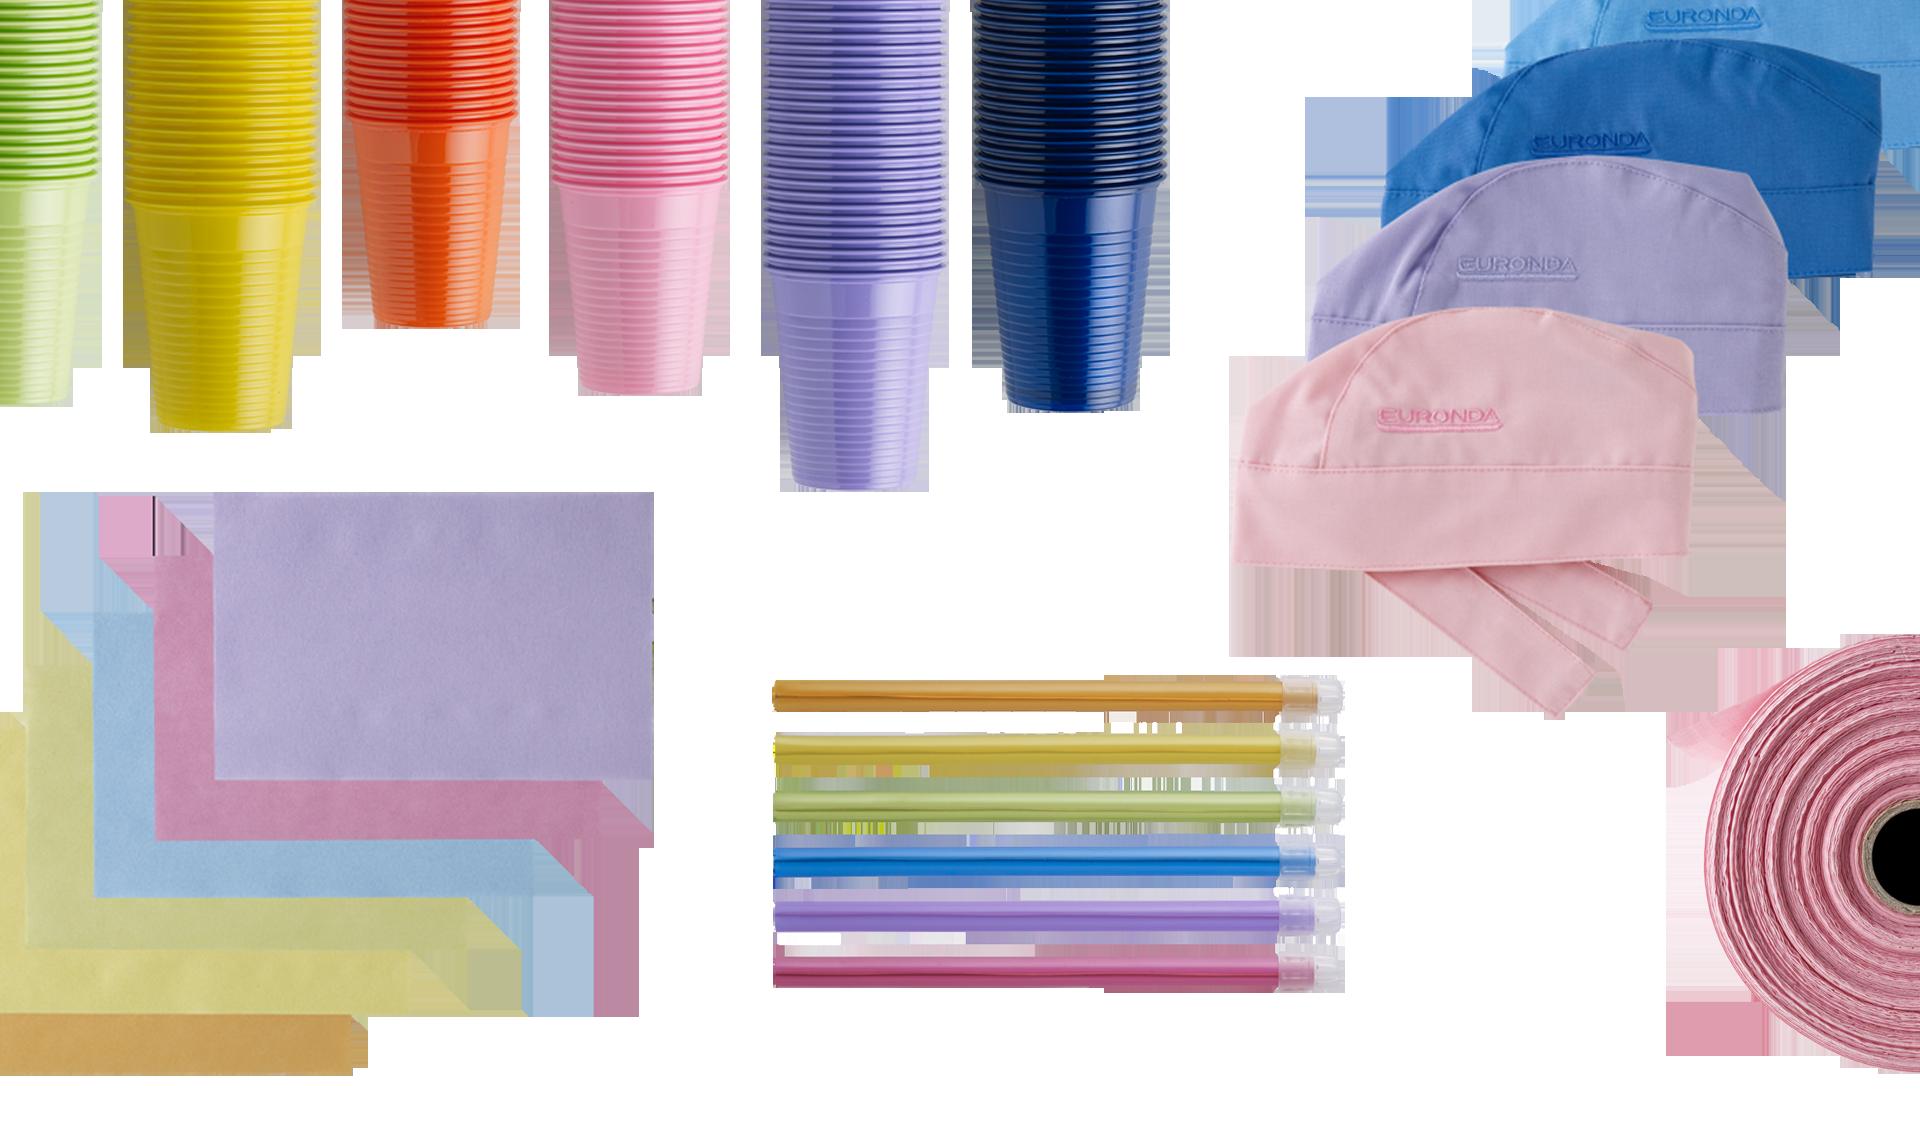 prodotti monouso per dentisti colorati euronda